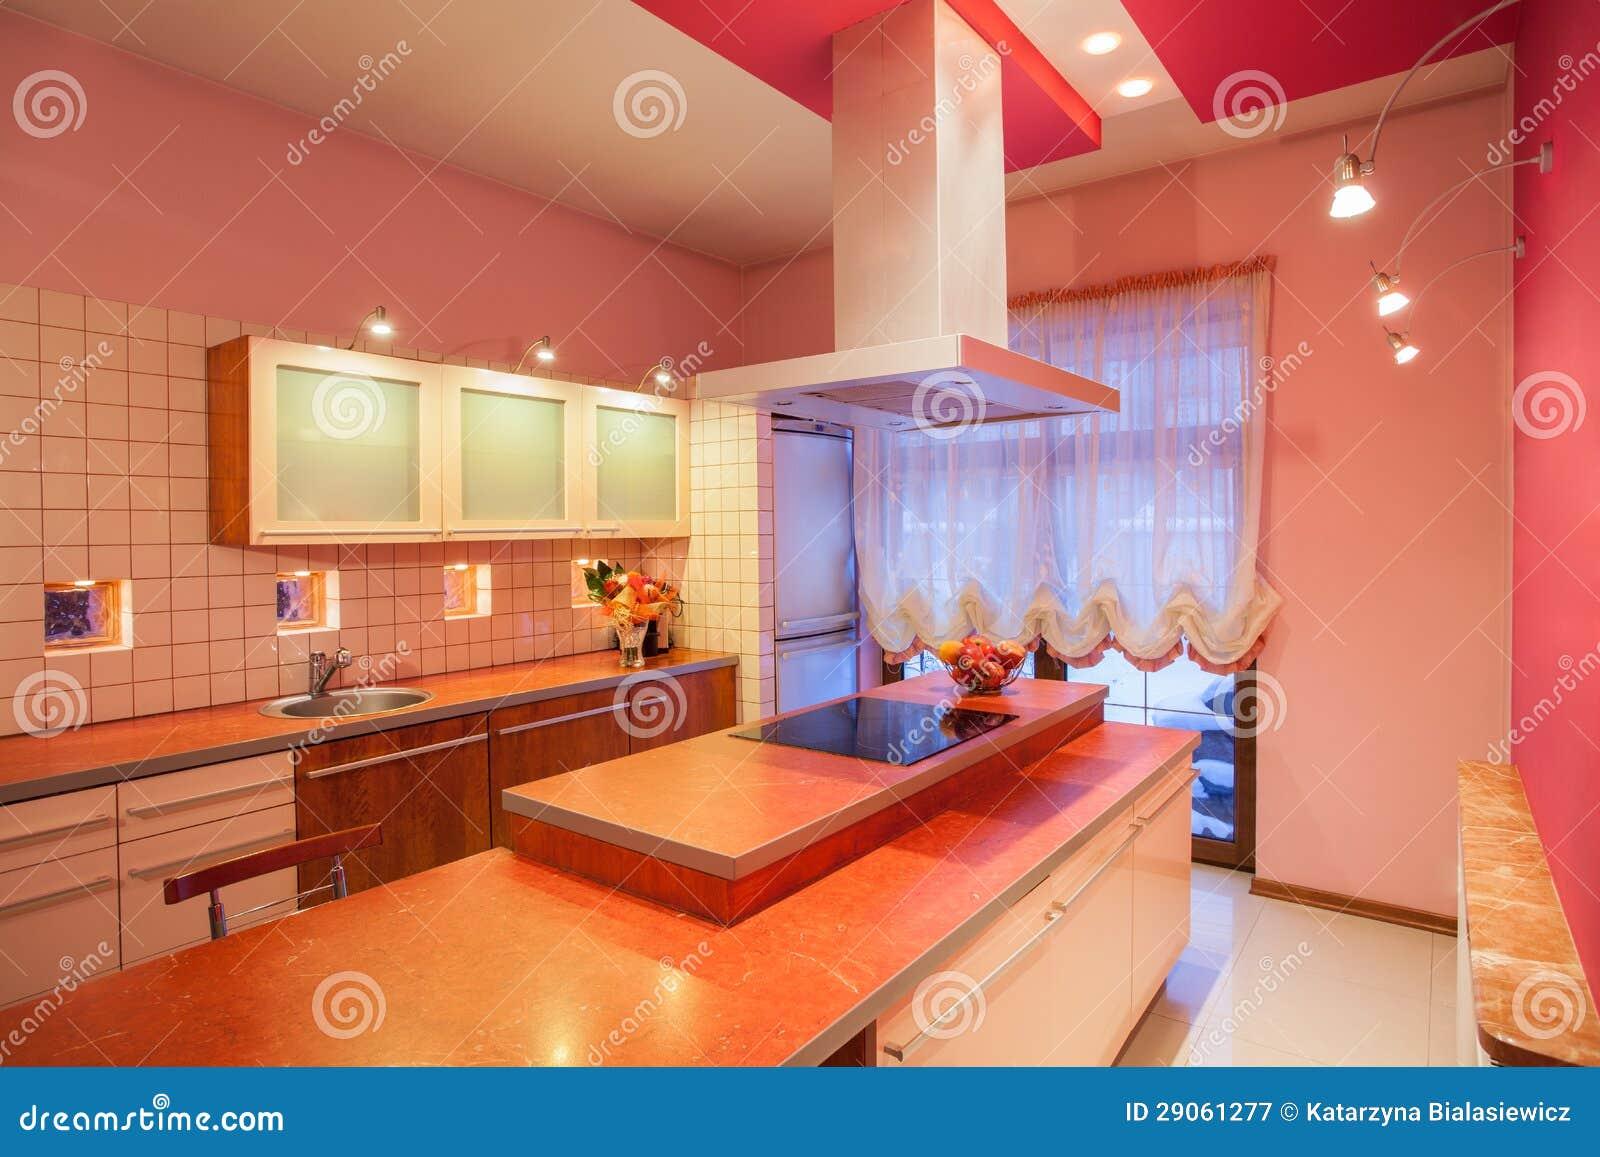 Libera Da Diritti: Casa Dell Amaranto Controsoffitto Della Cucina #8E3321 1300 957 Cucina In Controsoffitto